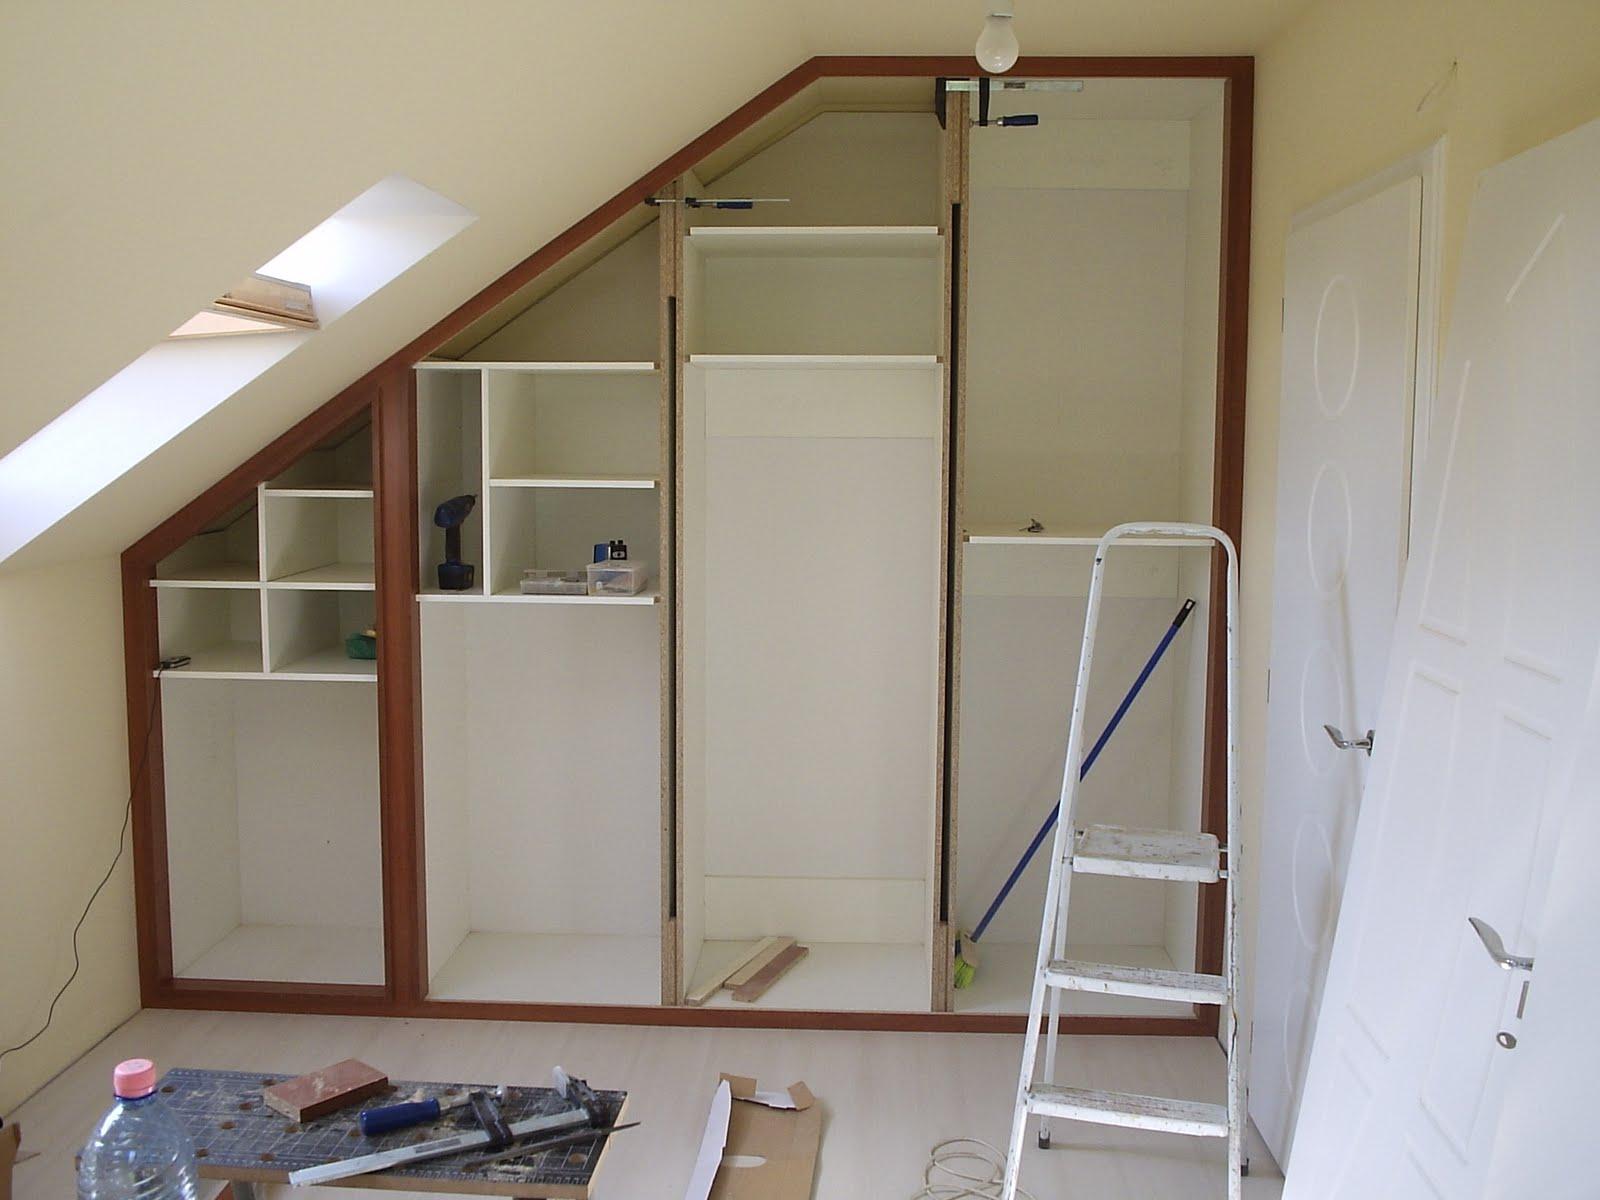 Precíz Asztalos - Belsőépítészet, bútorgyártás, asztalos munkák ...